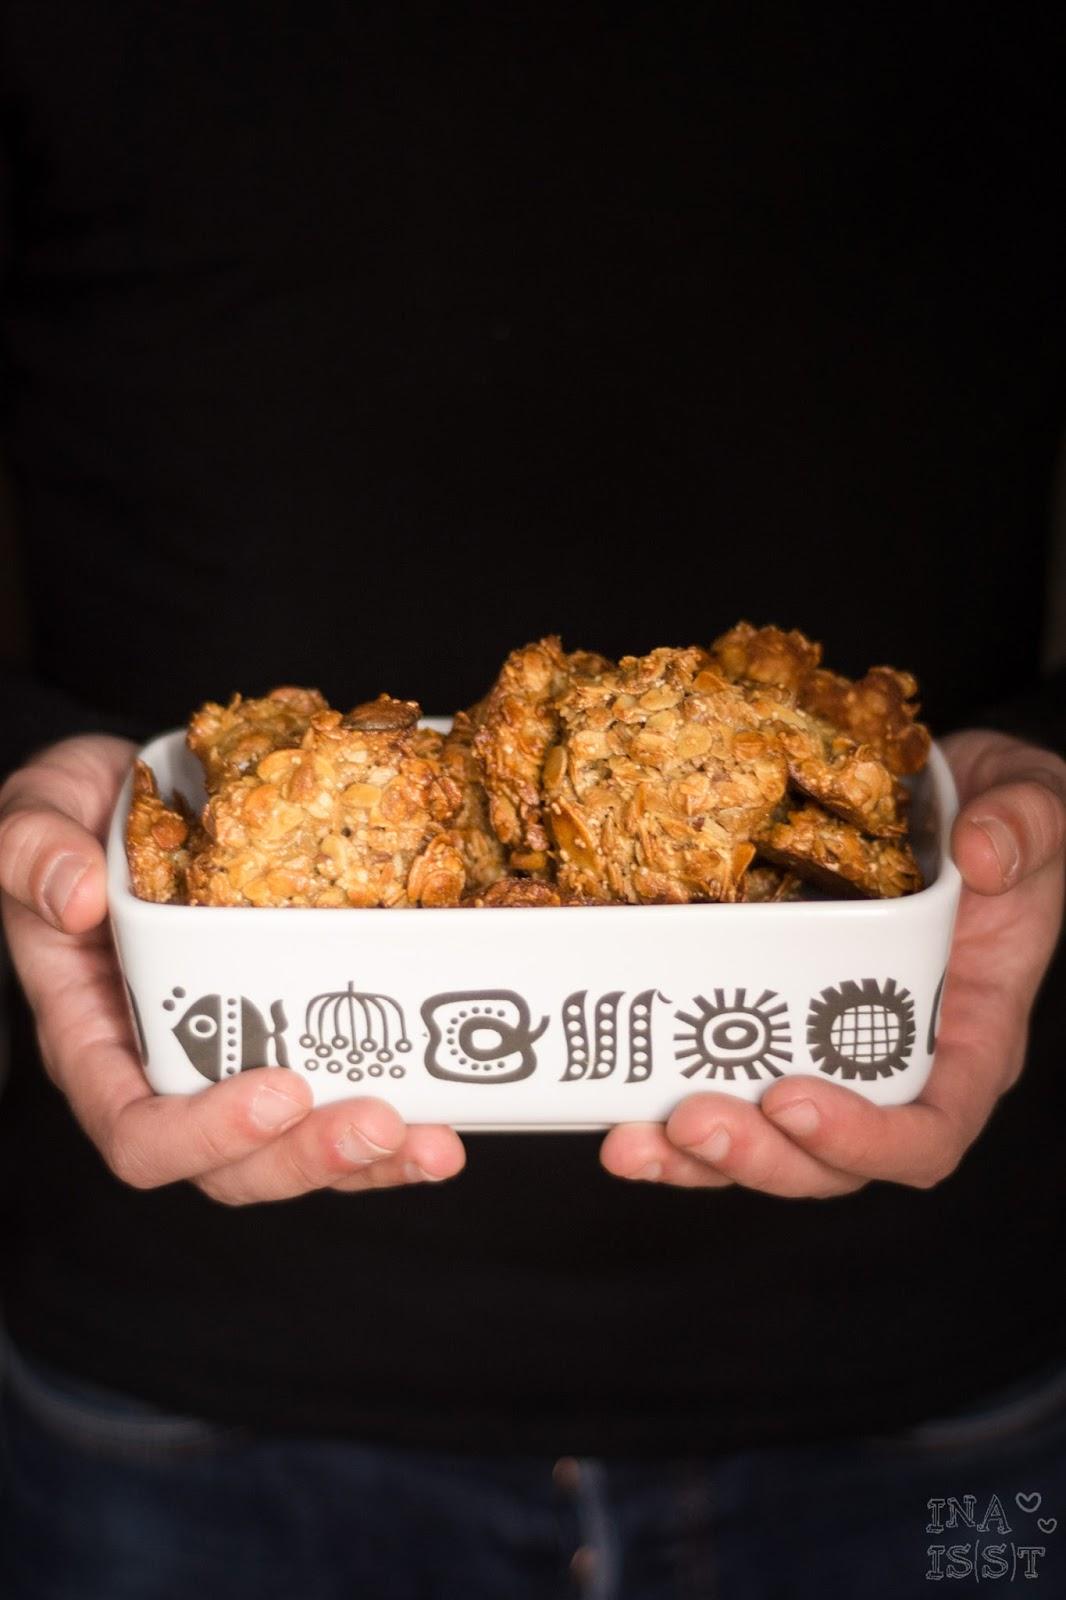 Schnelle Müslikekse mit Madeln, Zimt und Vanille